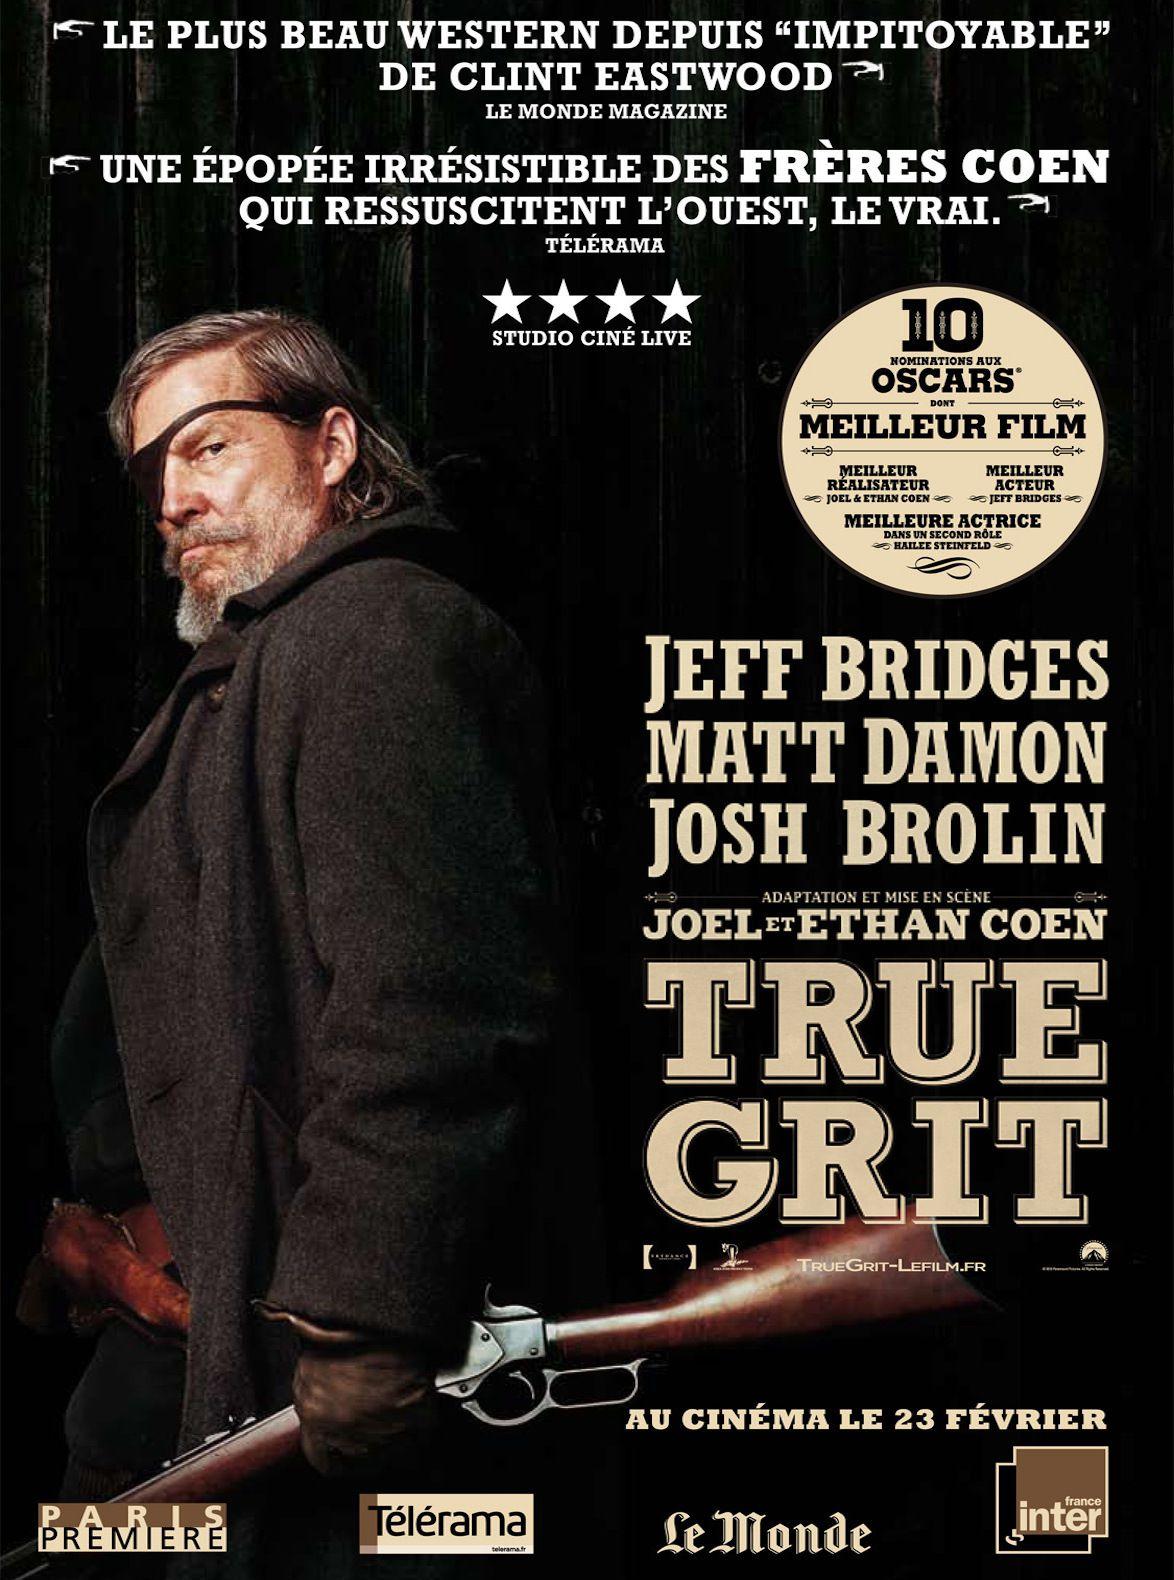 True Grit - Film (2010)